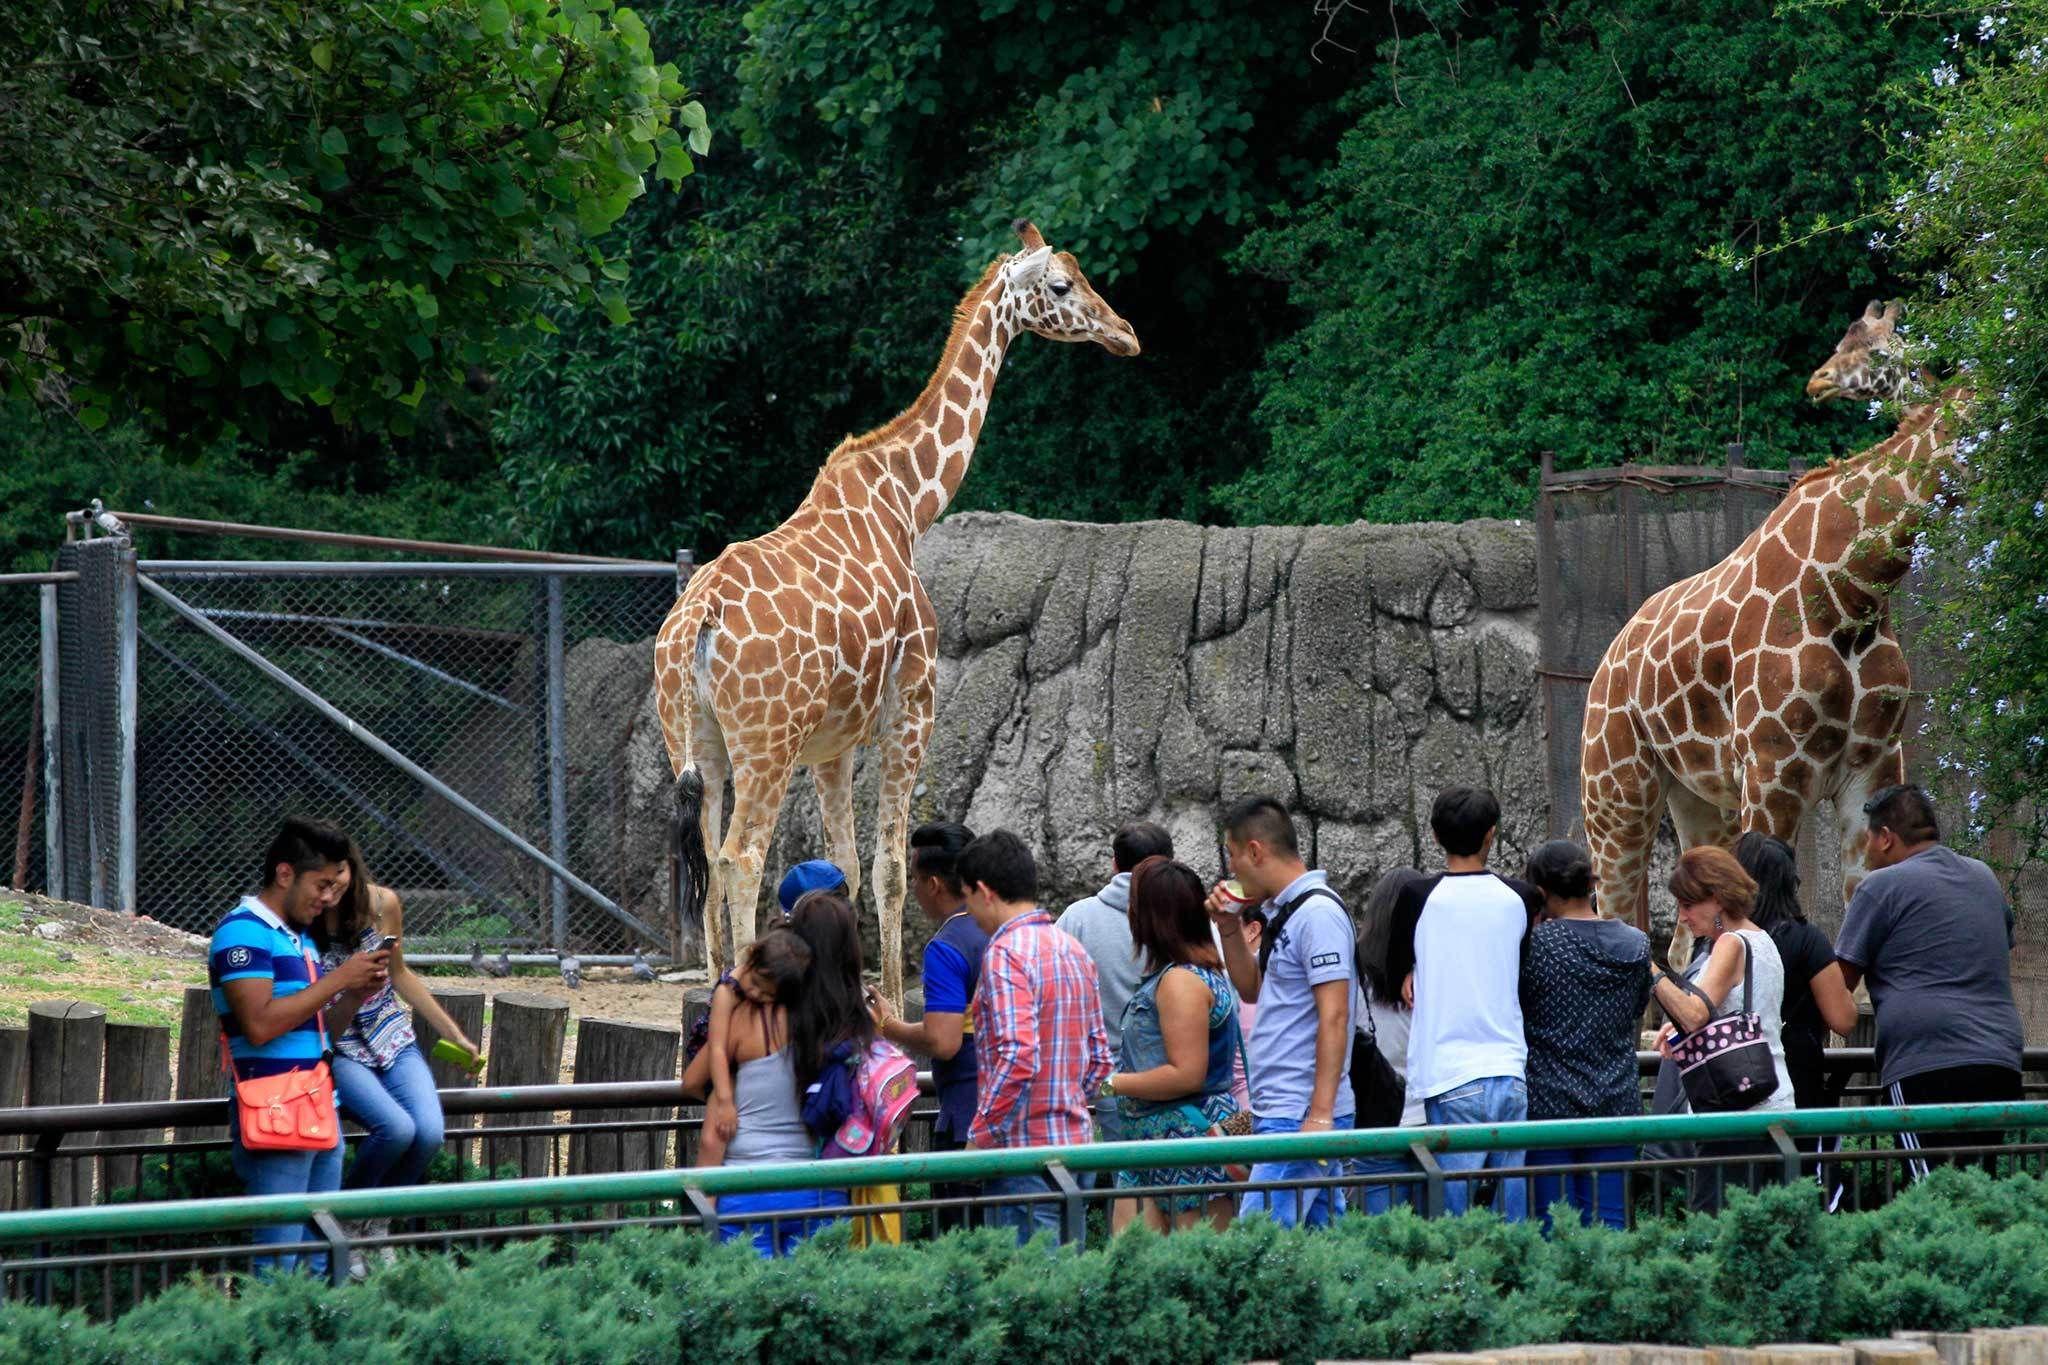 Déjate sorprender está Semana Santa 2021 por los zoologicos y acuarios de CDMX